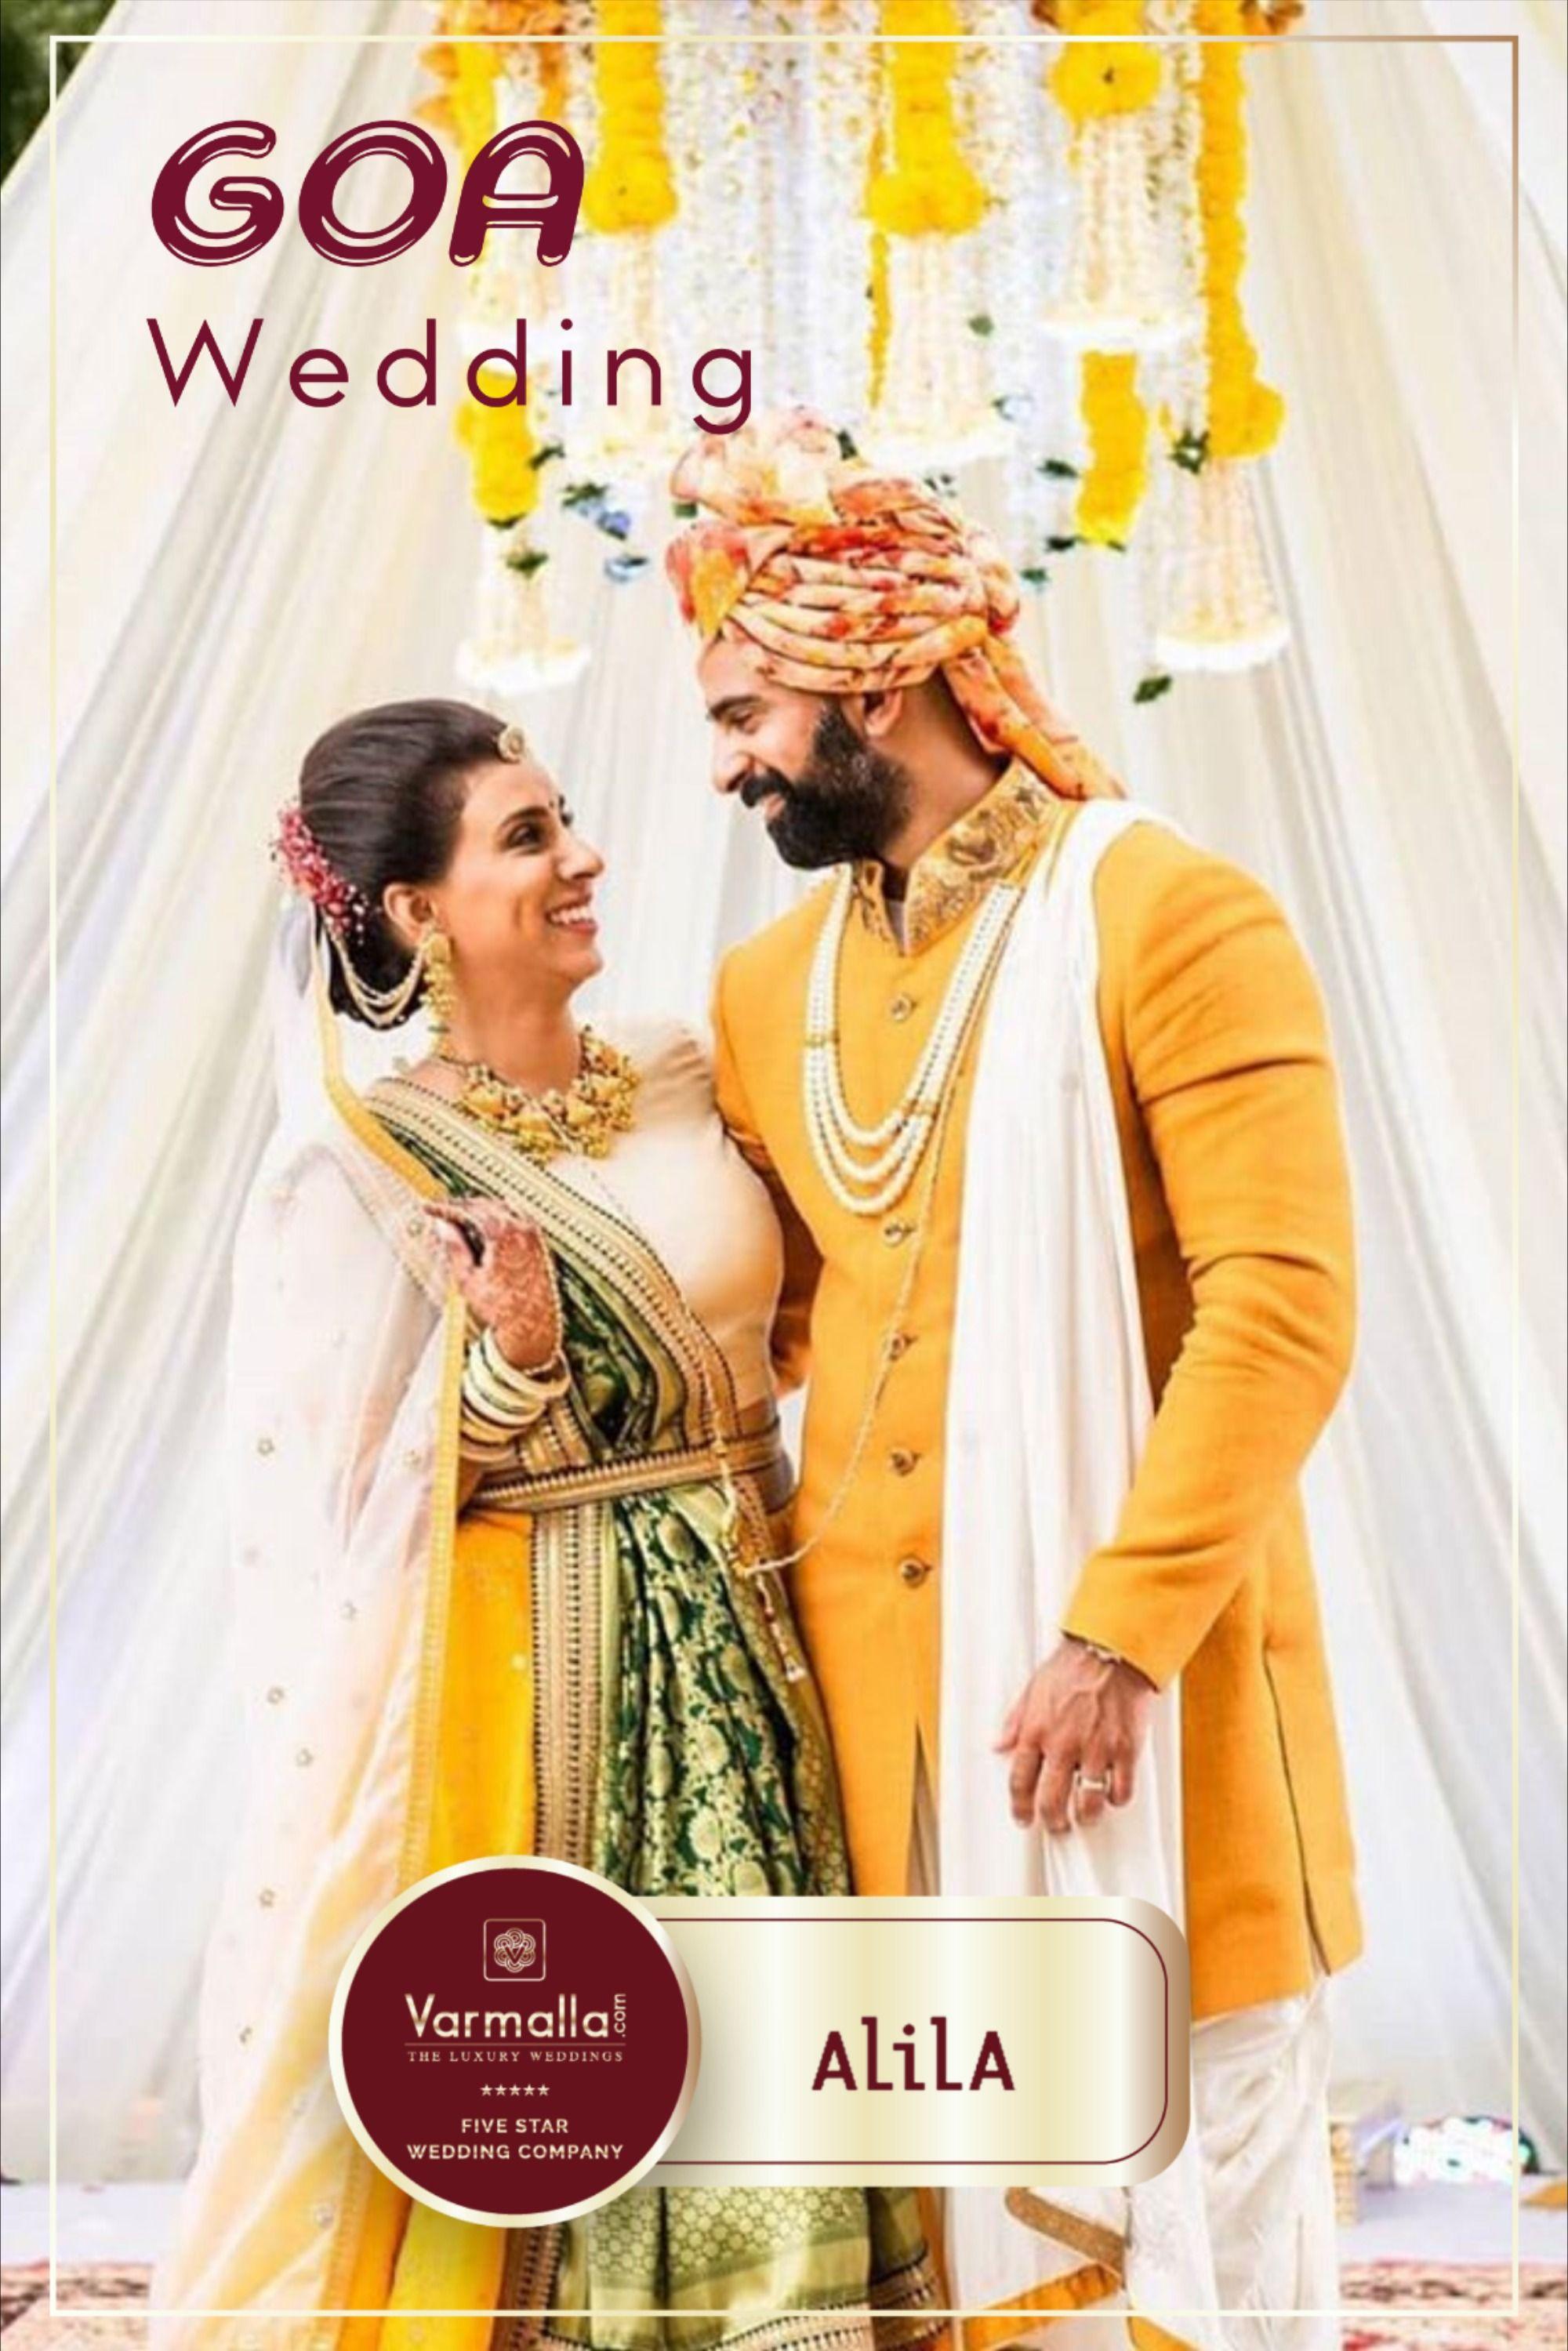 Finest resort that will make your wedding event very fascinating...#aliladiwagoa #aliladiwa #aliladiwaweddings #alilahotels #ramadainn  #ramadahotel #tajmahal #tajpalace #goa #goaindia #goataco #weddinginvitationcards #honeymoon #honeymoonpackages #bridallehenga #bridalmakeup #bridalmehndidesign #bridalmehndi #Bridalsaree #bridaljewellery #bride #indianbride #bridegroom #eventmanagement #weddingplanner #weddinginvitationcards #destination #destinationwedding #weddingdecorations#weddinggift